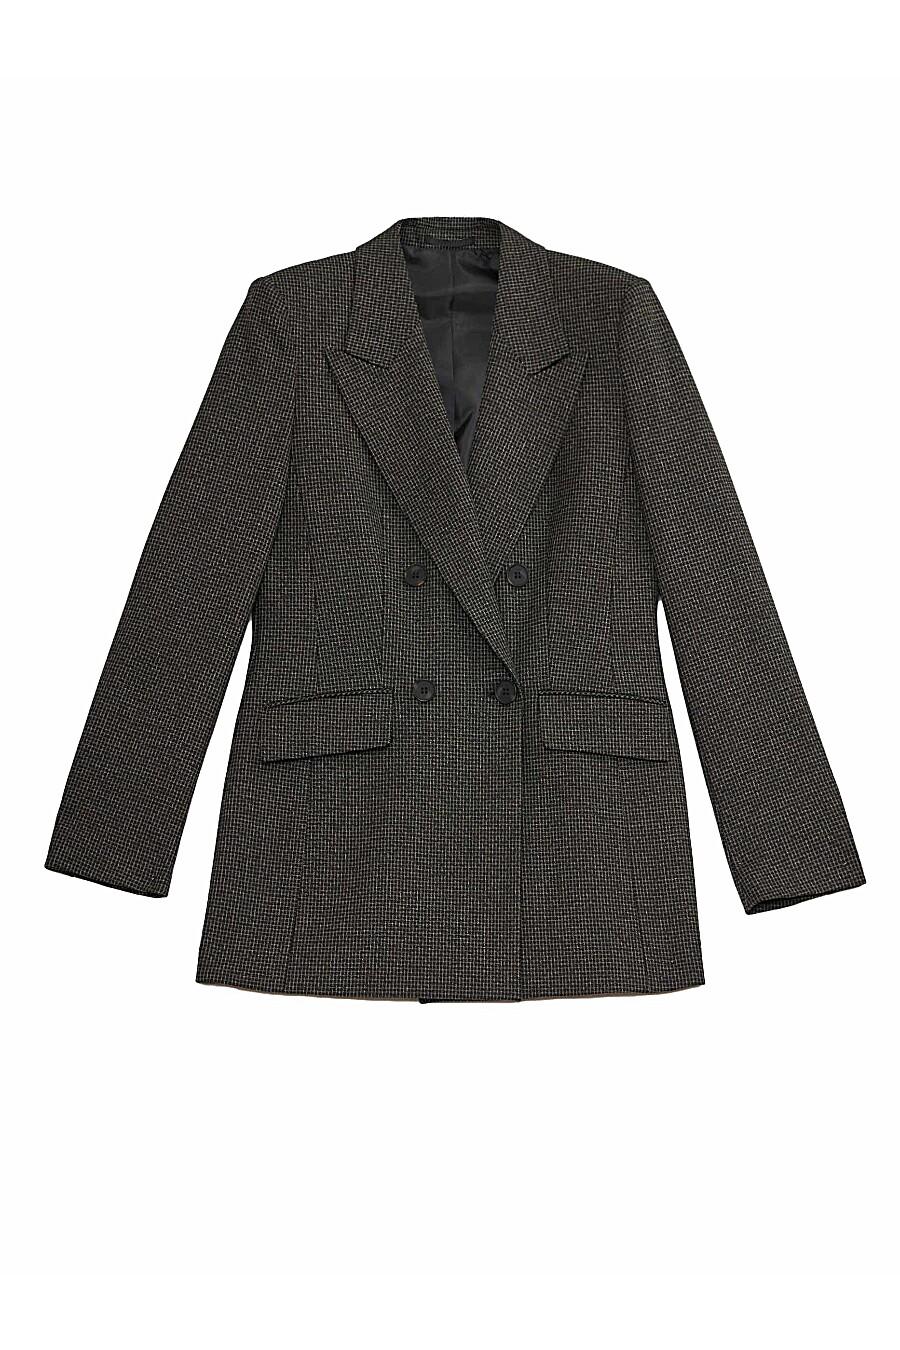 Жакет для женщин CALISTA 707303 купить оптом от производителя. Совместная покупка женской одежды в OptMoyo